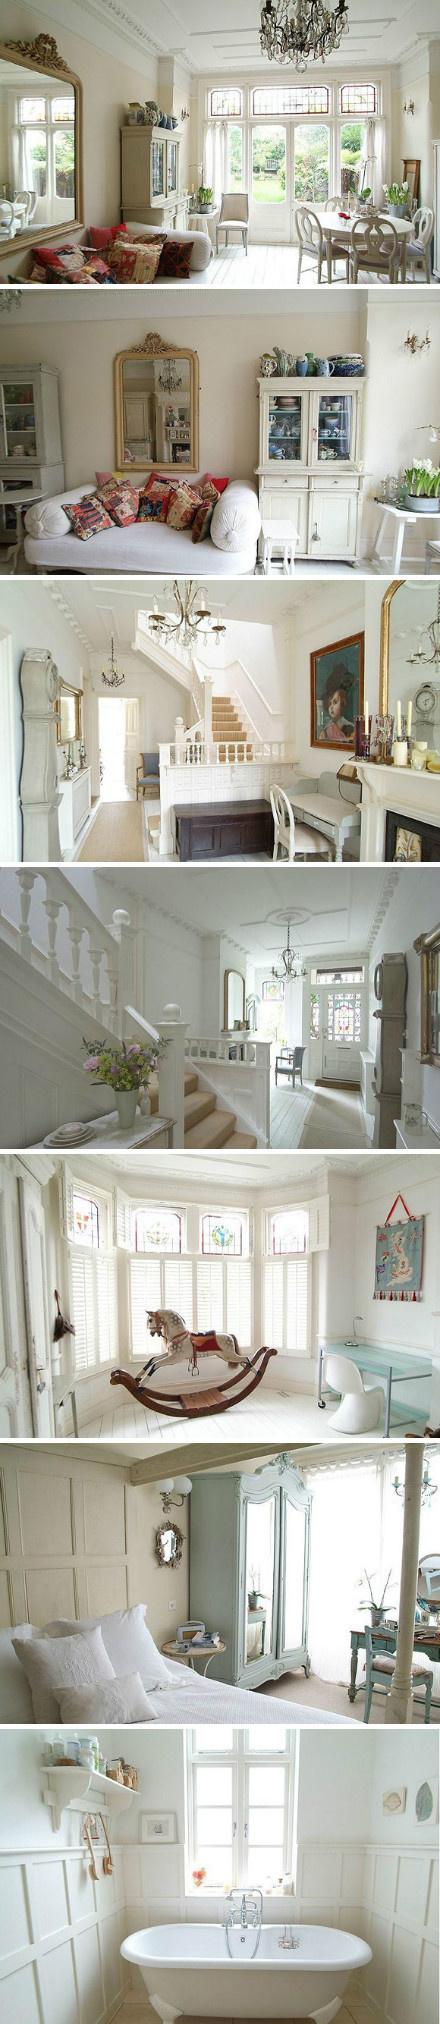 北欧 卧室 客厅 简约图片来自用户2557013183在喜欢的家装图片的分享